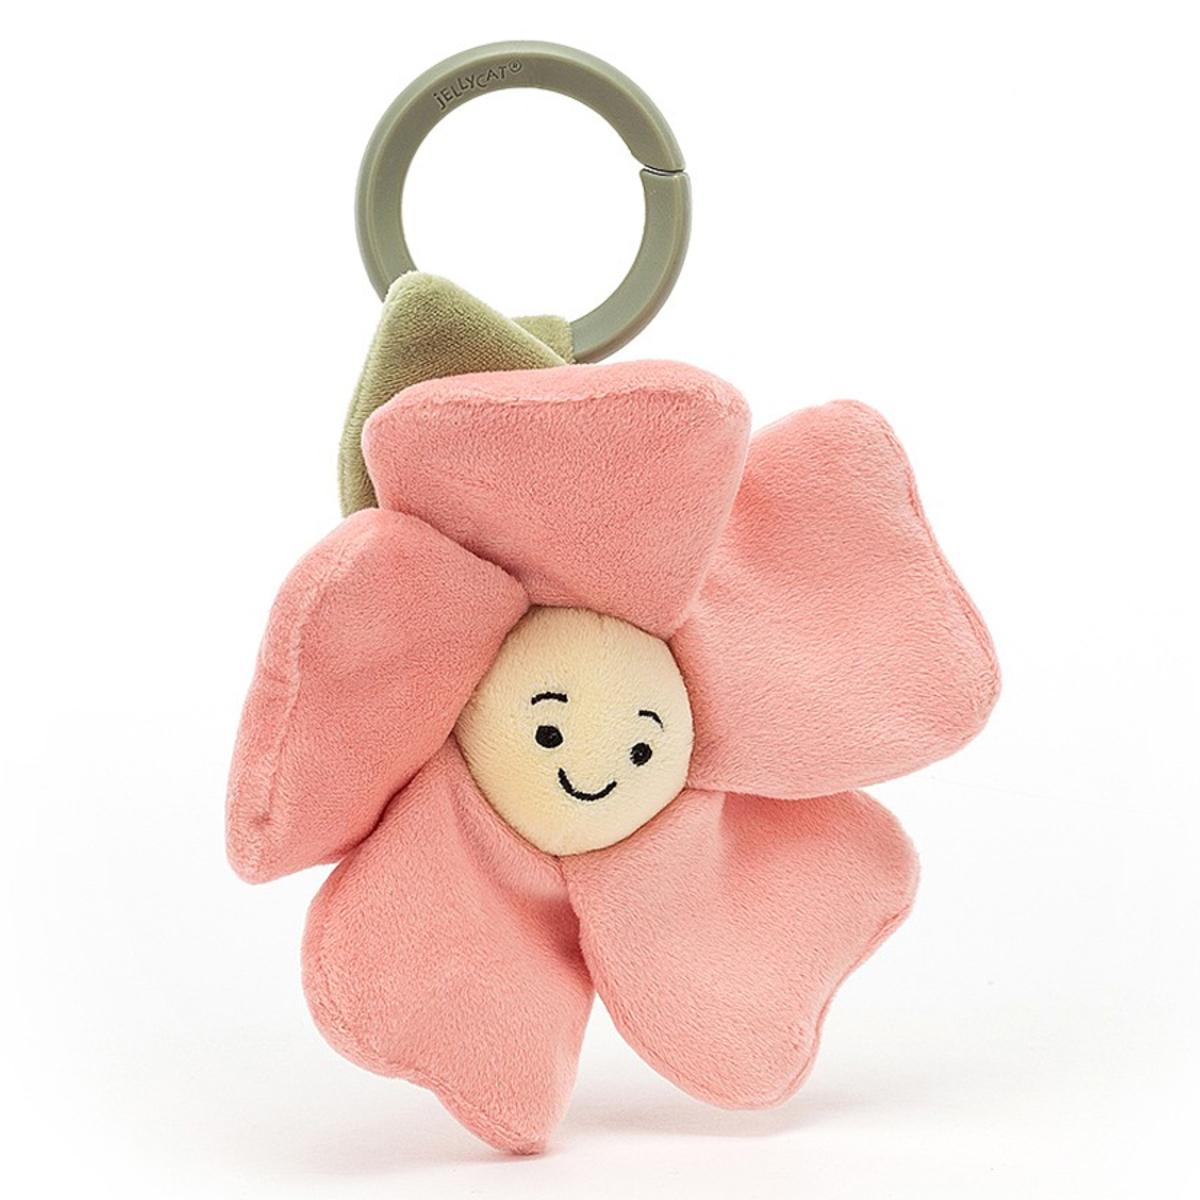 Accessoires poussette Jouet de Poussette Fleury Petunia Jitter Jouet de Poussette Fleury Petunia Jitter